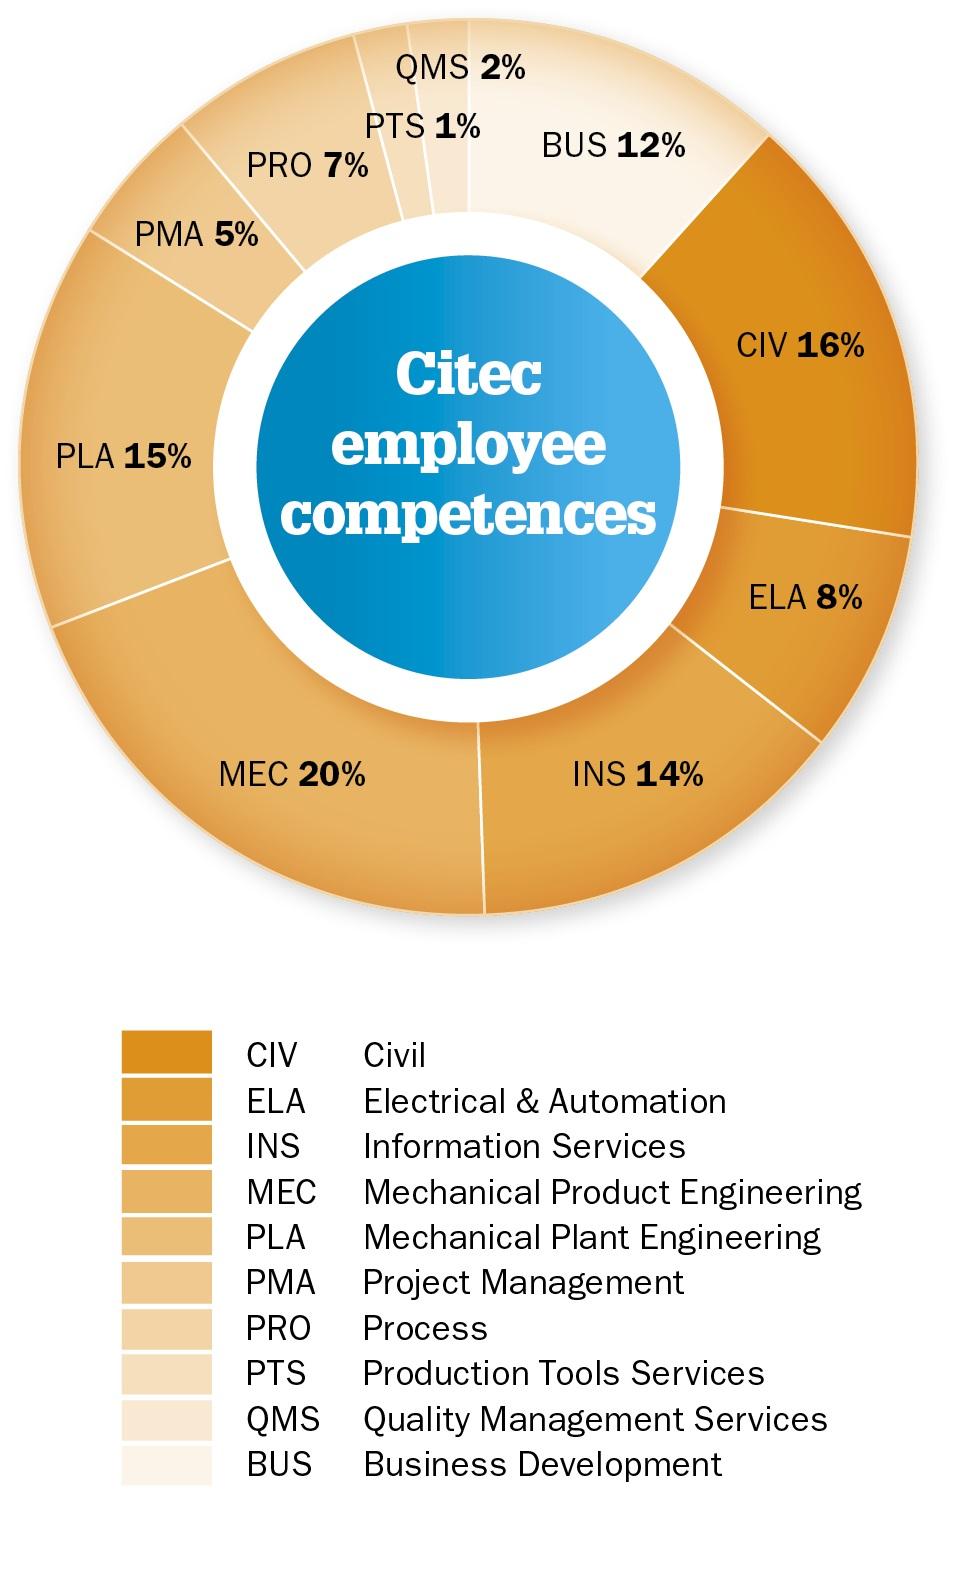 Citec employee competences